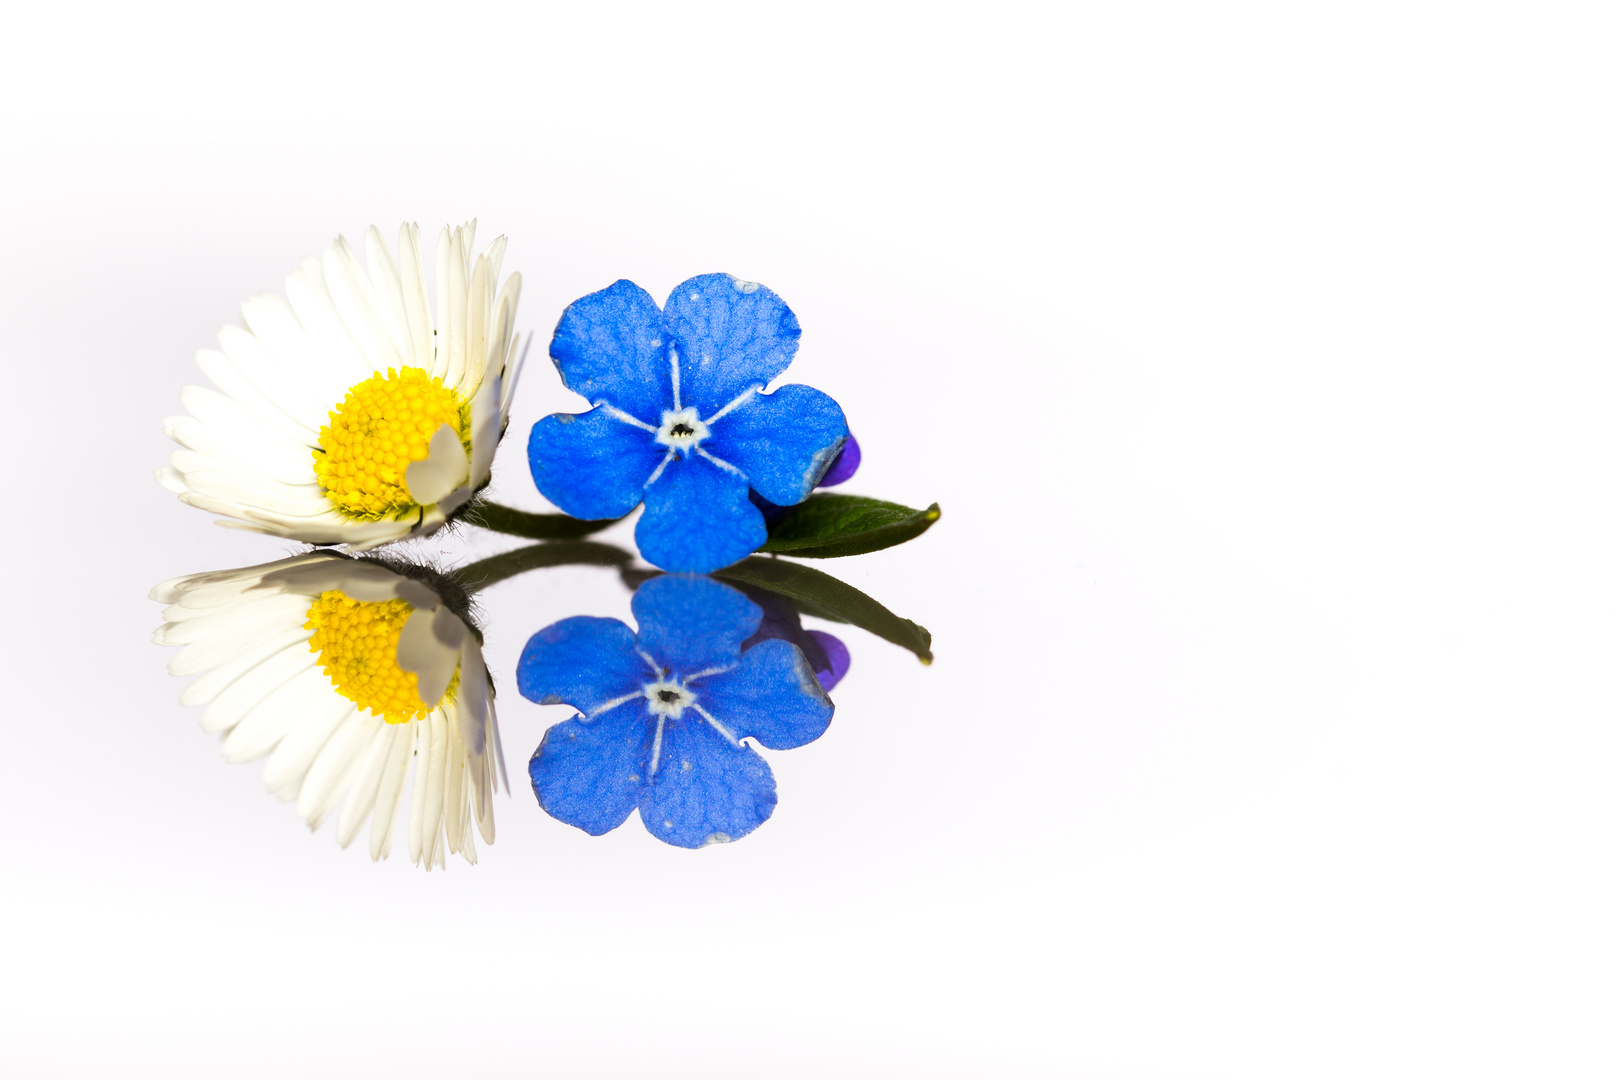 Blumenspiegel